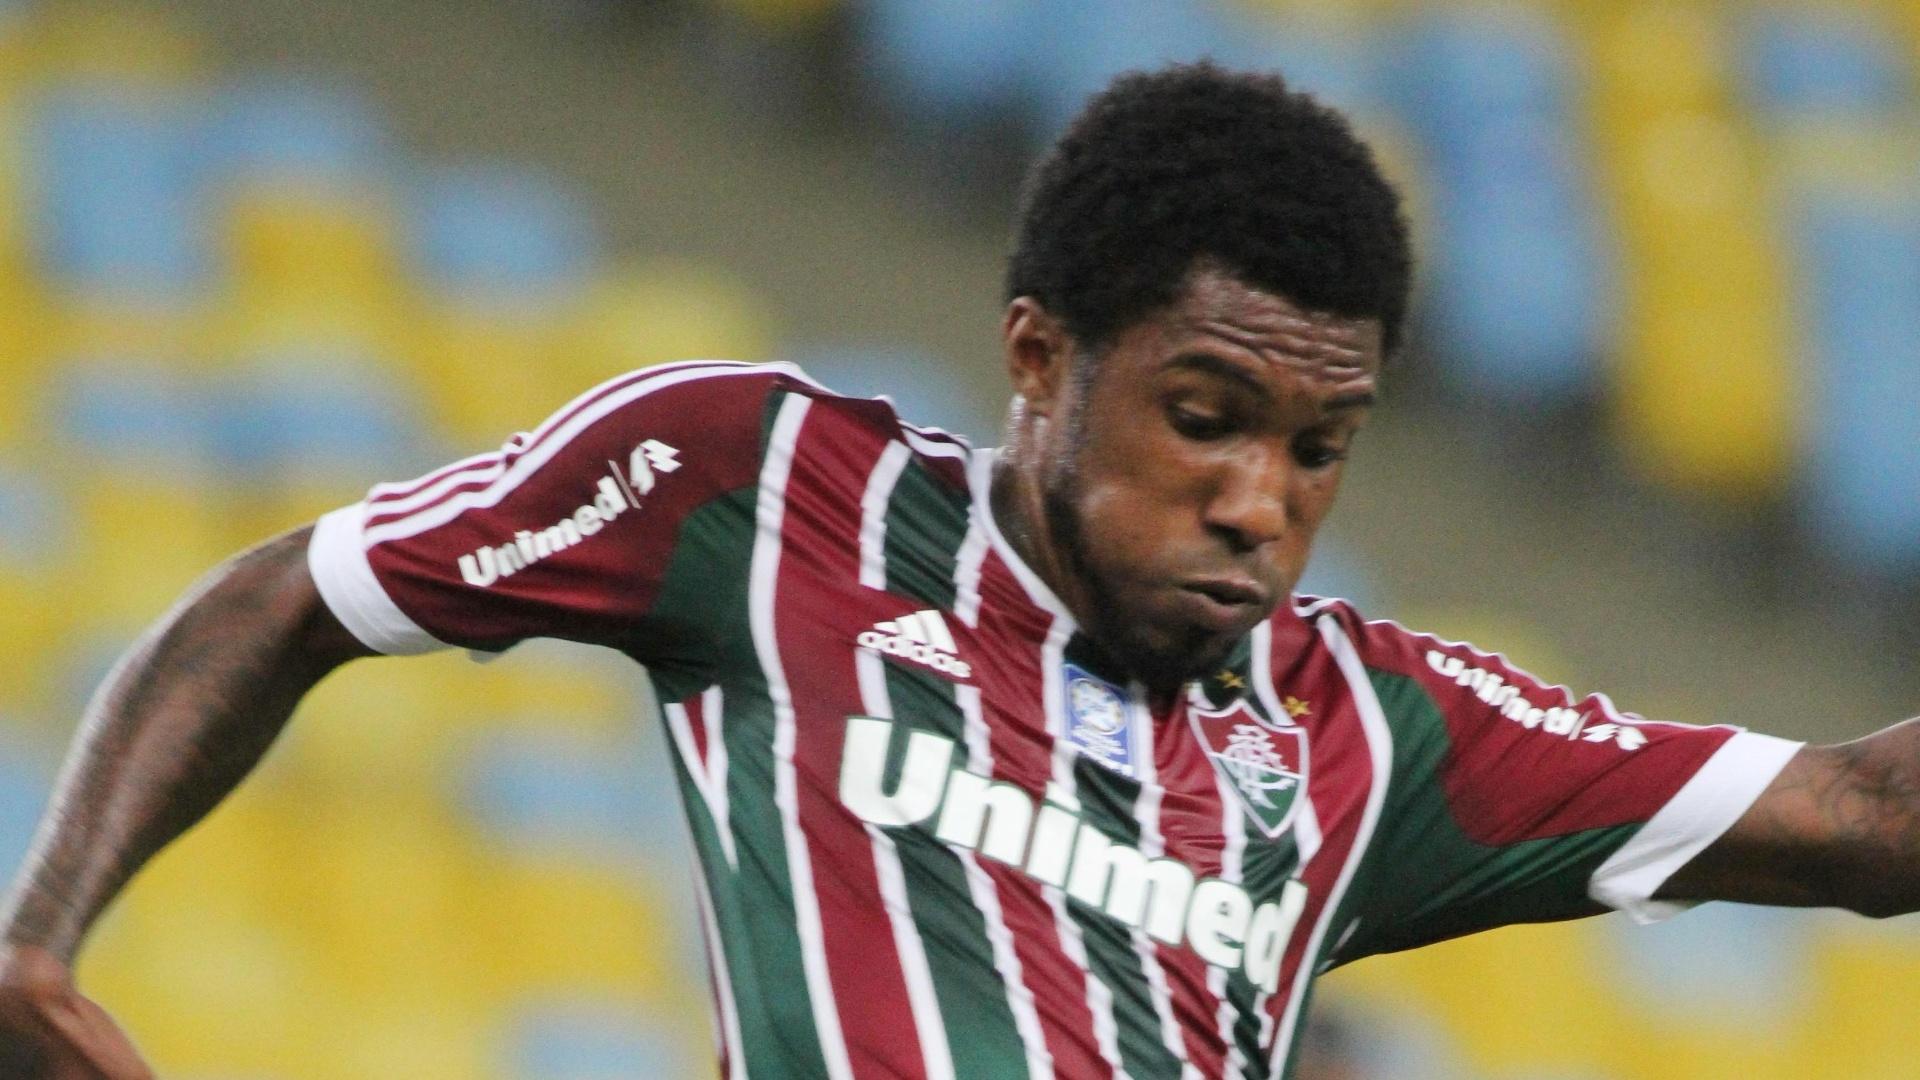 21.set.2013 - Atacante Rhayner, do Fluminense, se antecipa à marcação e domina a bola em duelo contra o Coritiba